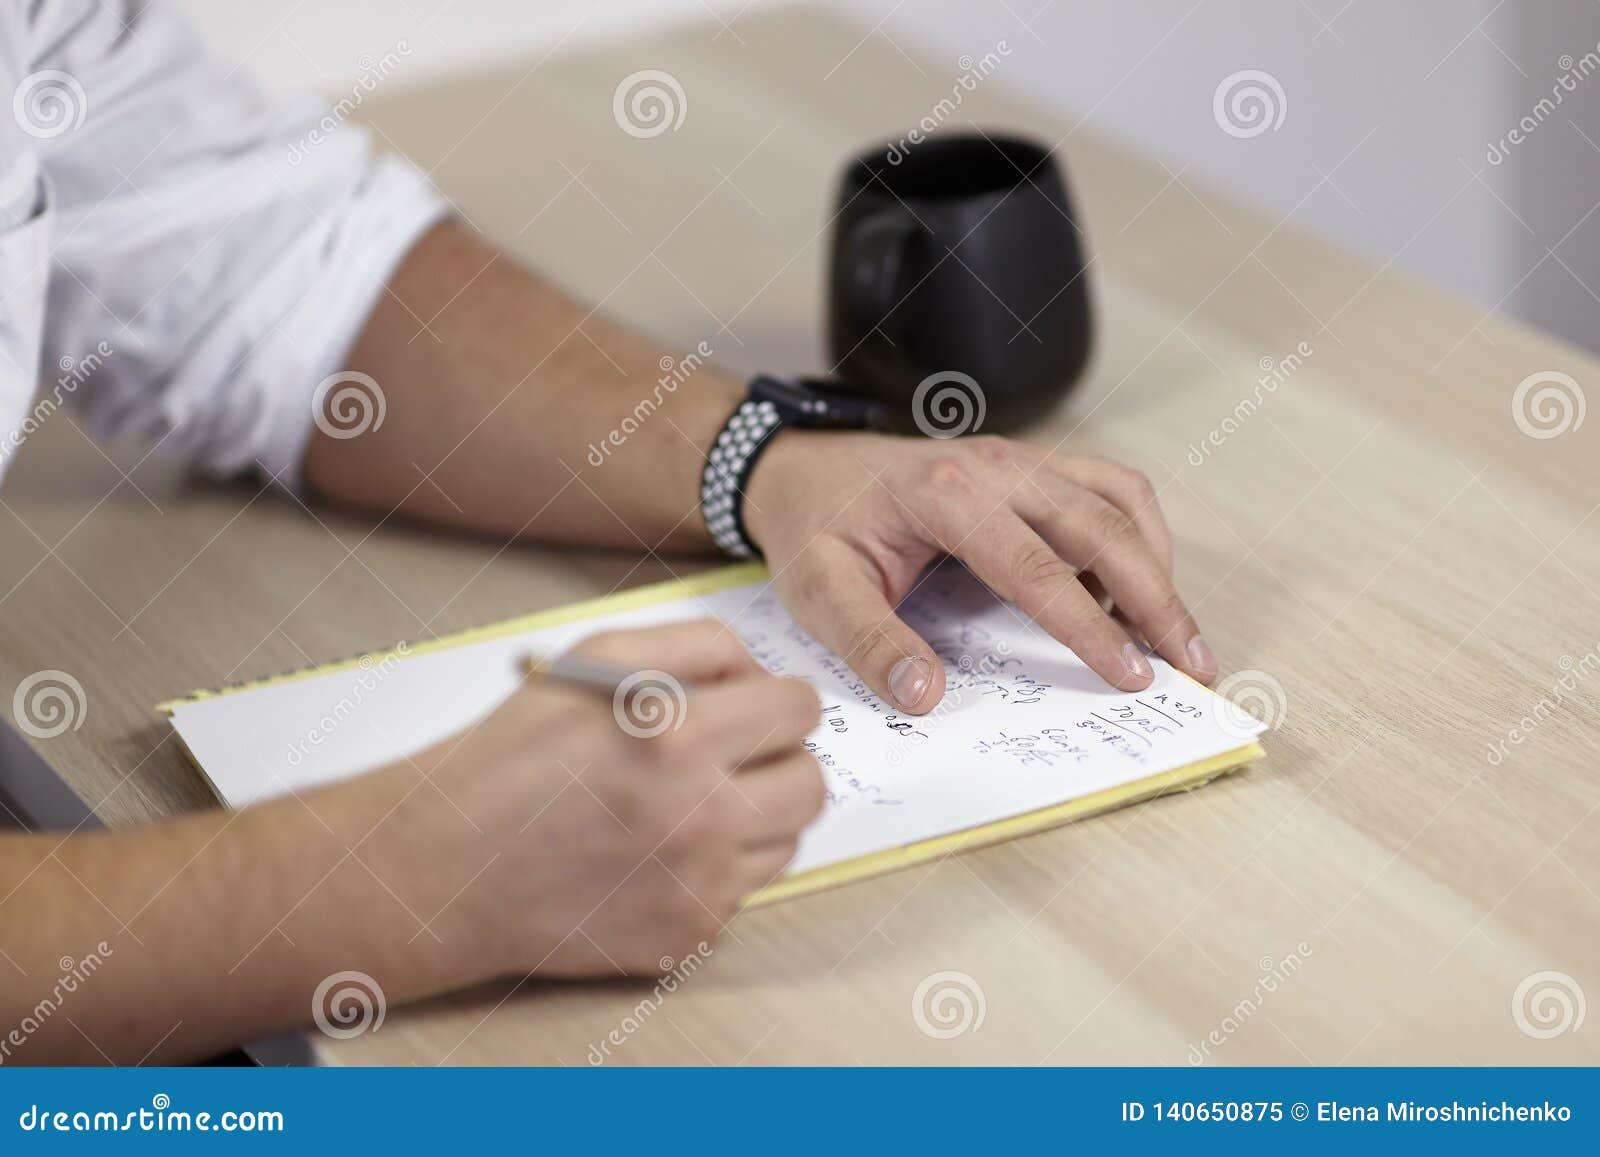 Επανδρώνει τα χέρια στην άσπρη εξάρτηση γράφει με τη μάνδρα κυλίνδρων σε χαρτί για τον ξύλινο πίνακα κάποια λατινικά, ή τους όρου